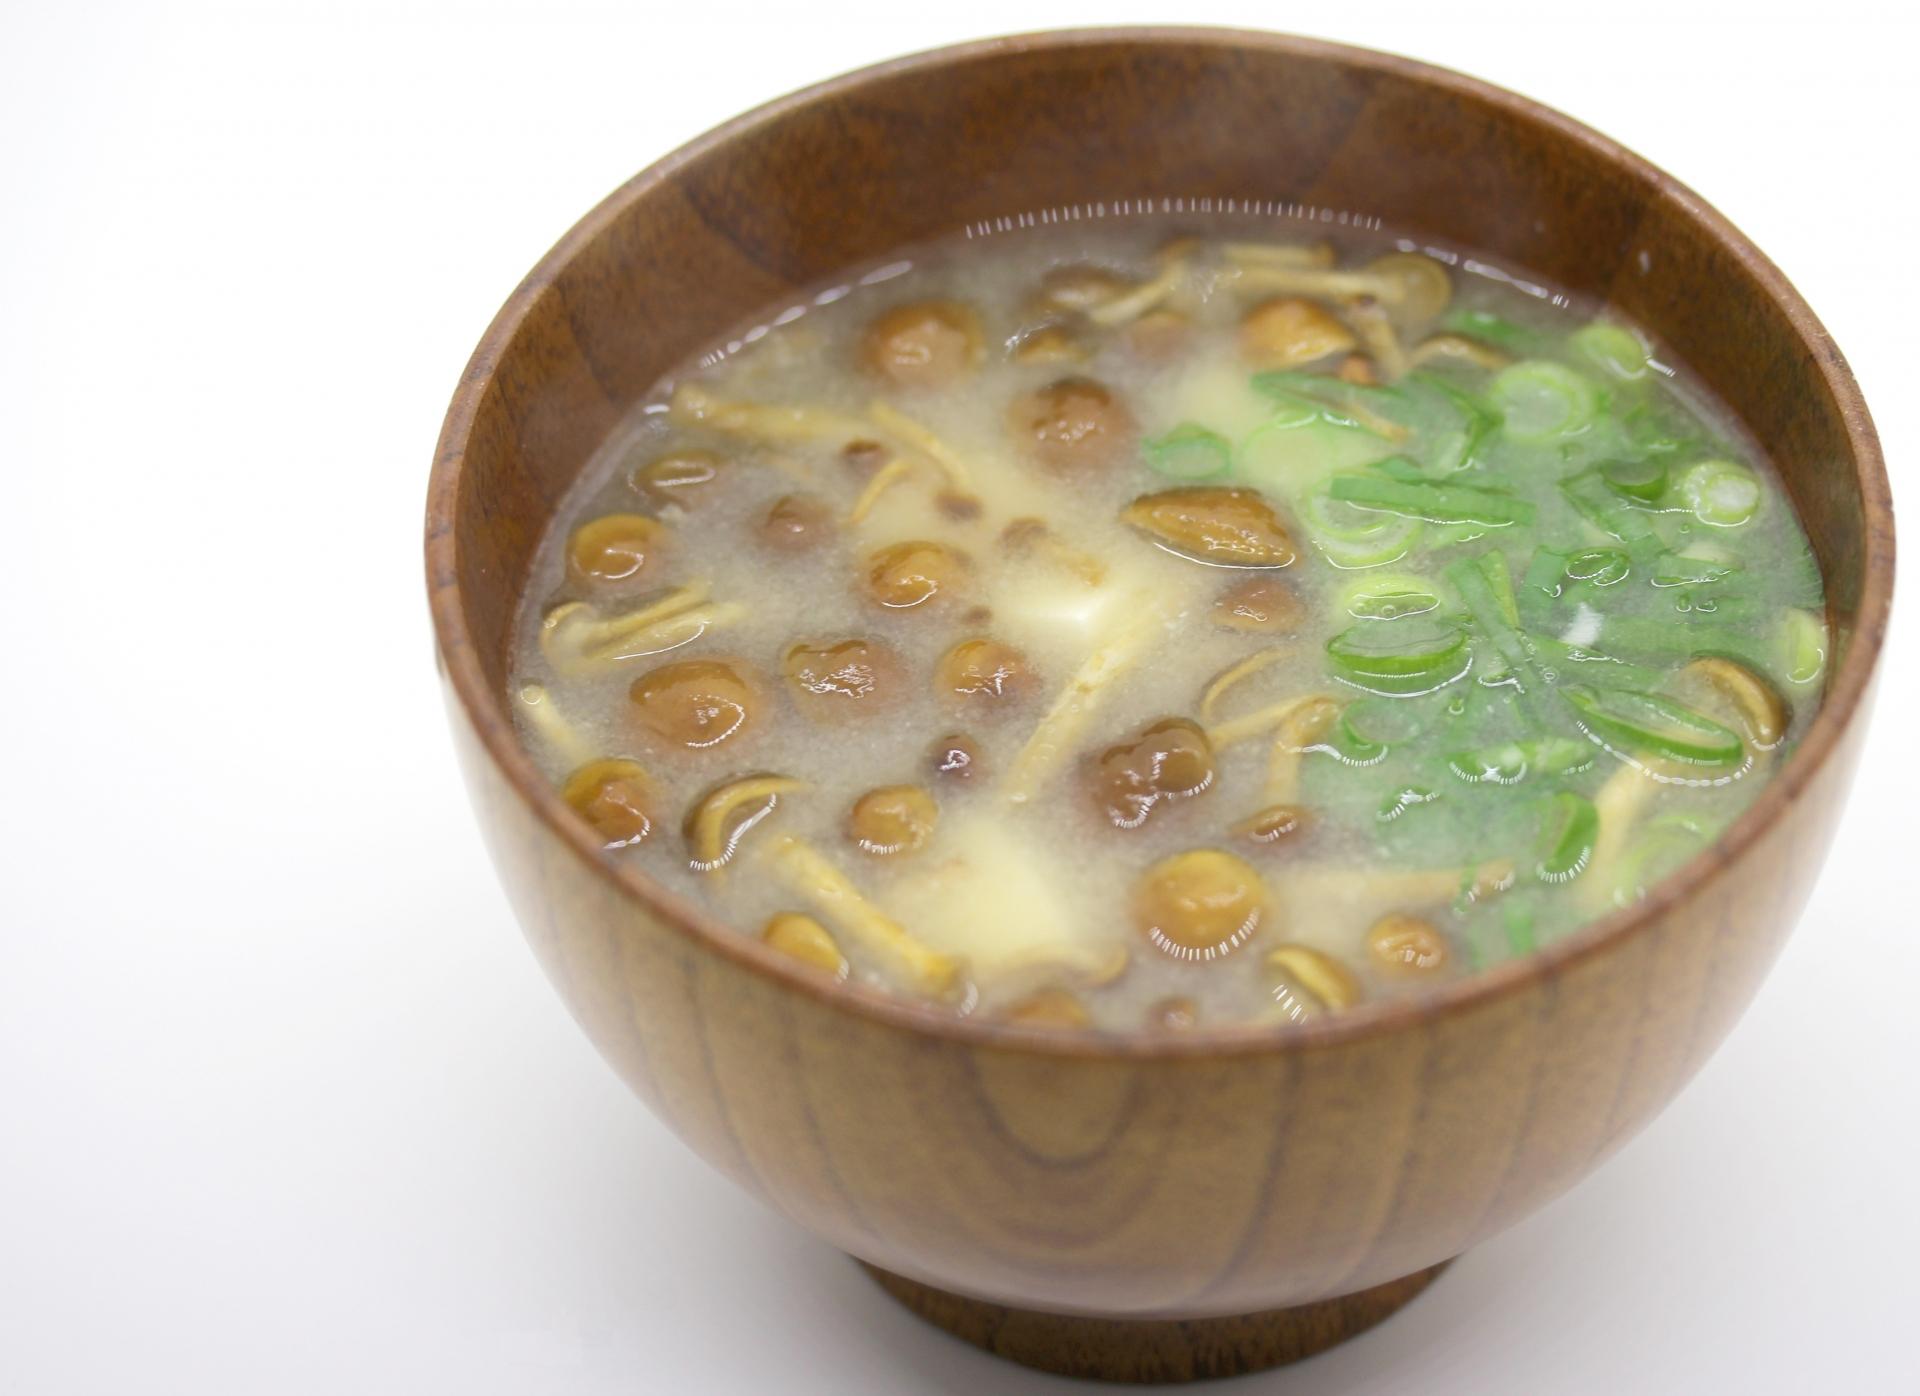 【ケンミンSHOW】納豆汁のレシピ【12月10日】